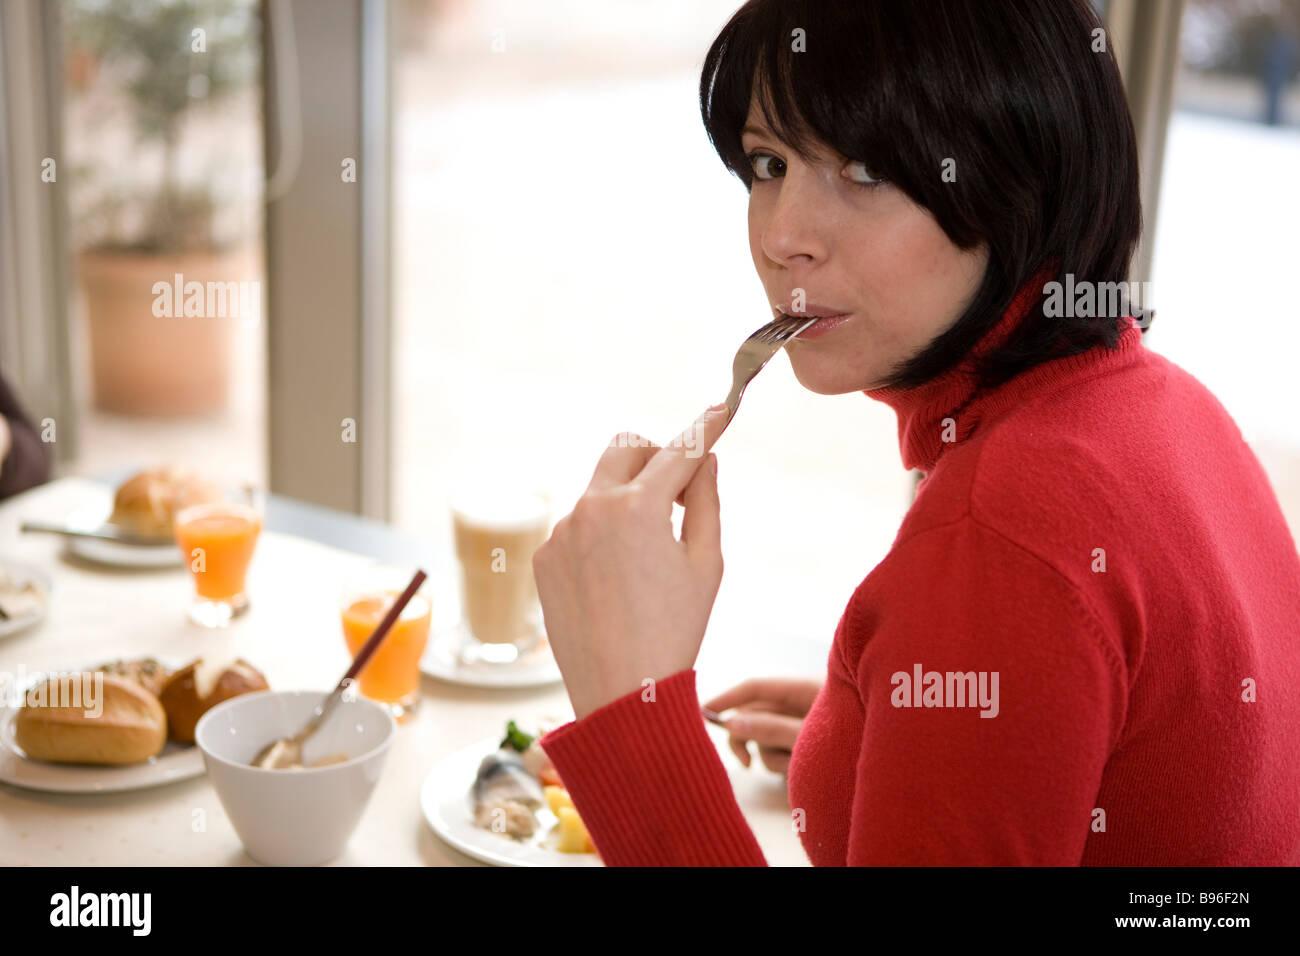 Frau bin Tisch Hut Gabel Im Mund Und isst Stockbild